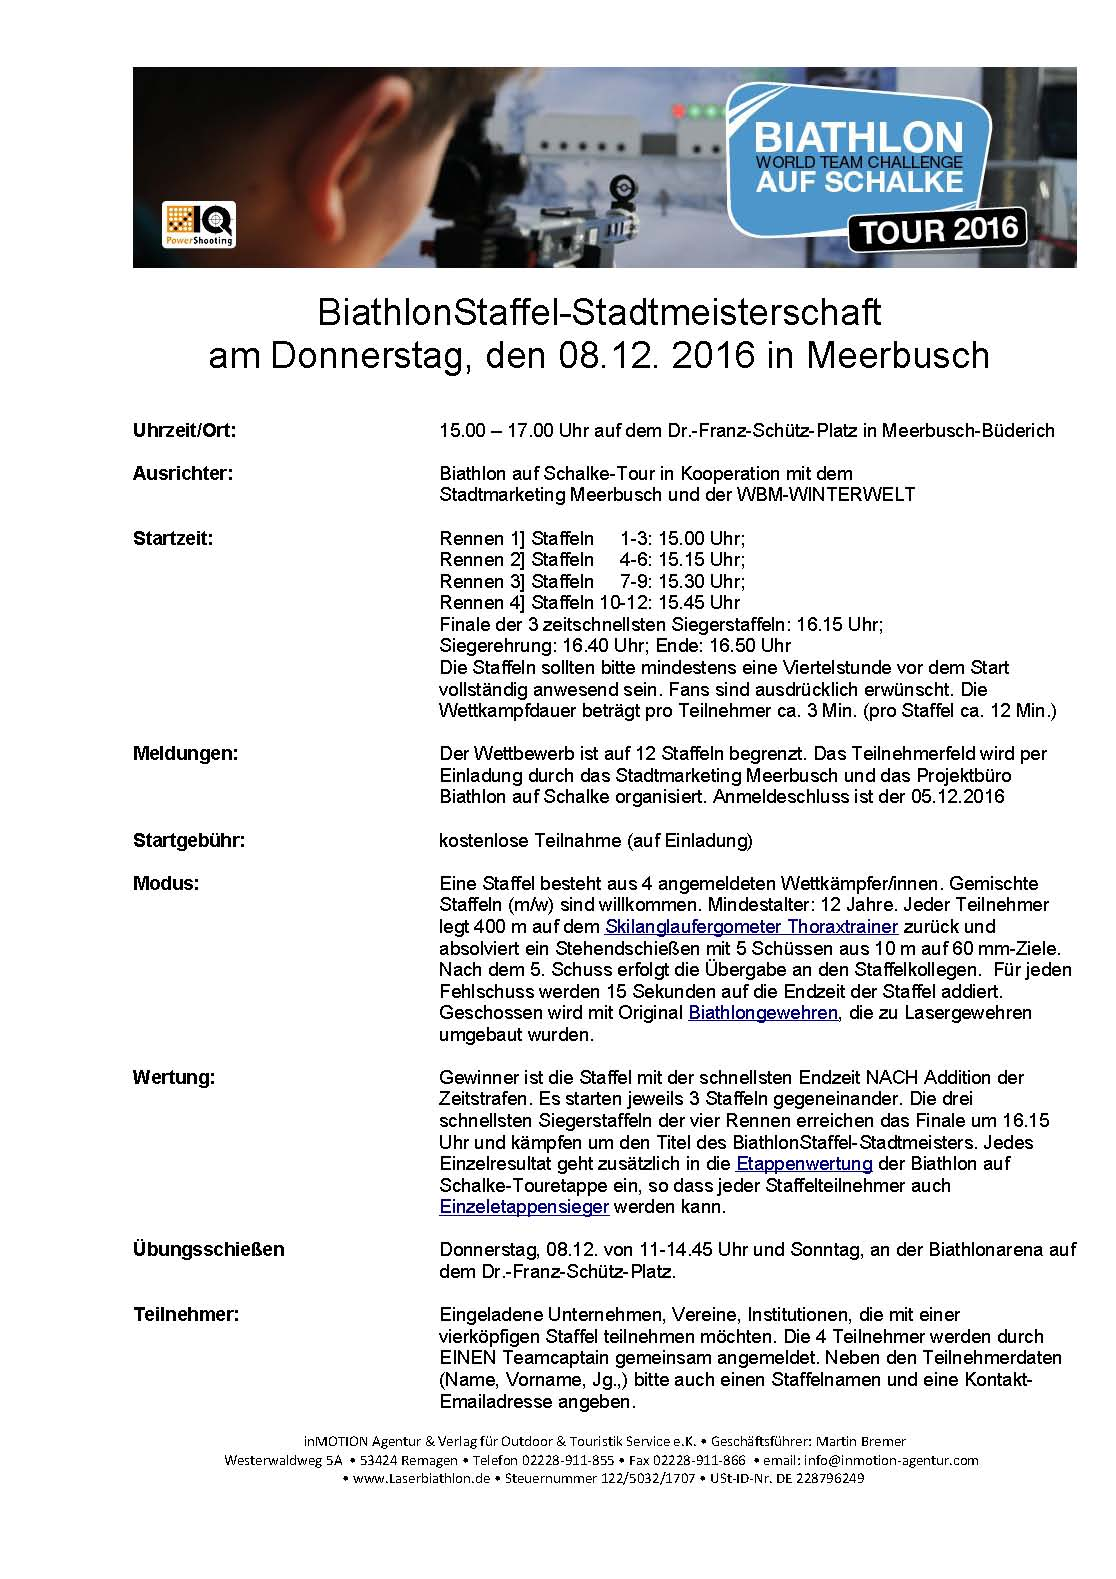 biathlonstaffel_stadtmeisterschaft_08_12_2016_meerbusch_seite_1